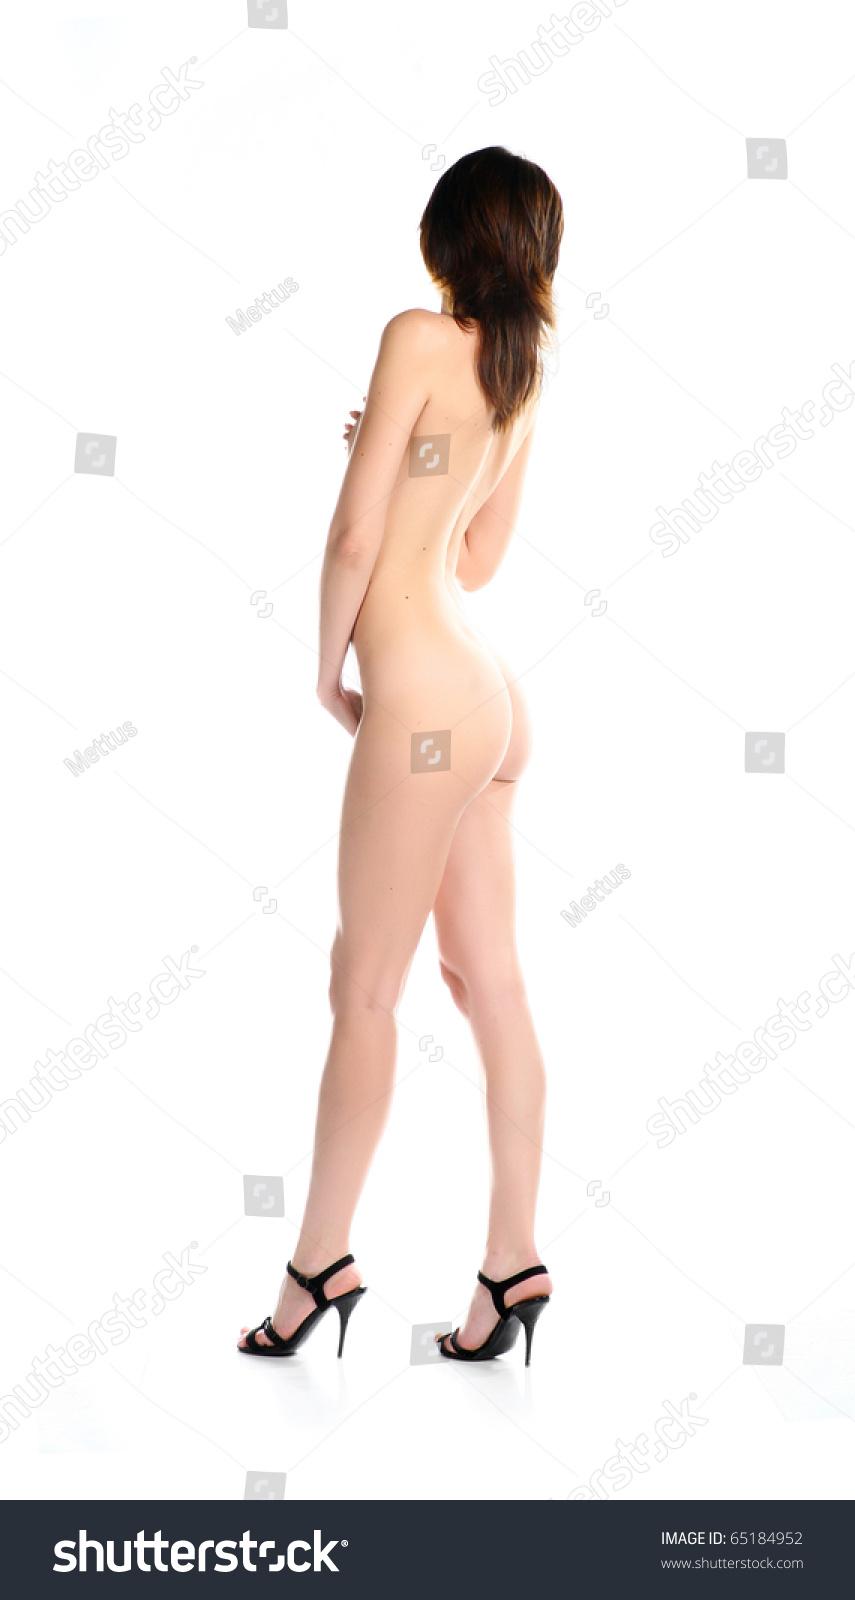 Princesas movie naked girl